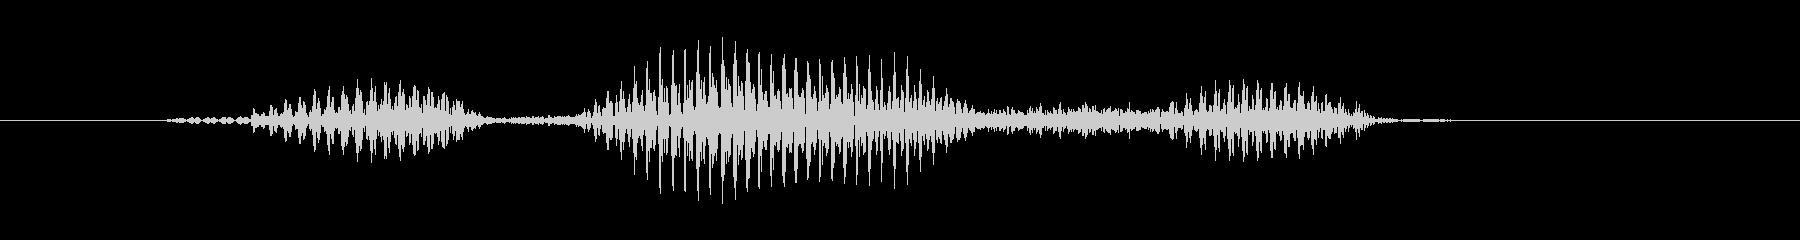 ディフェンスの未再生の波形